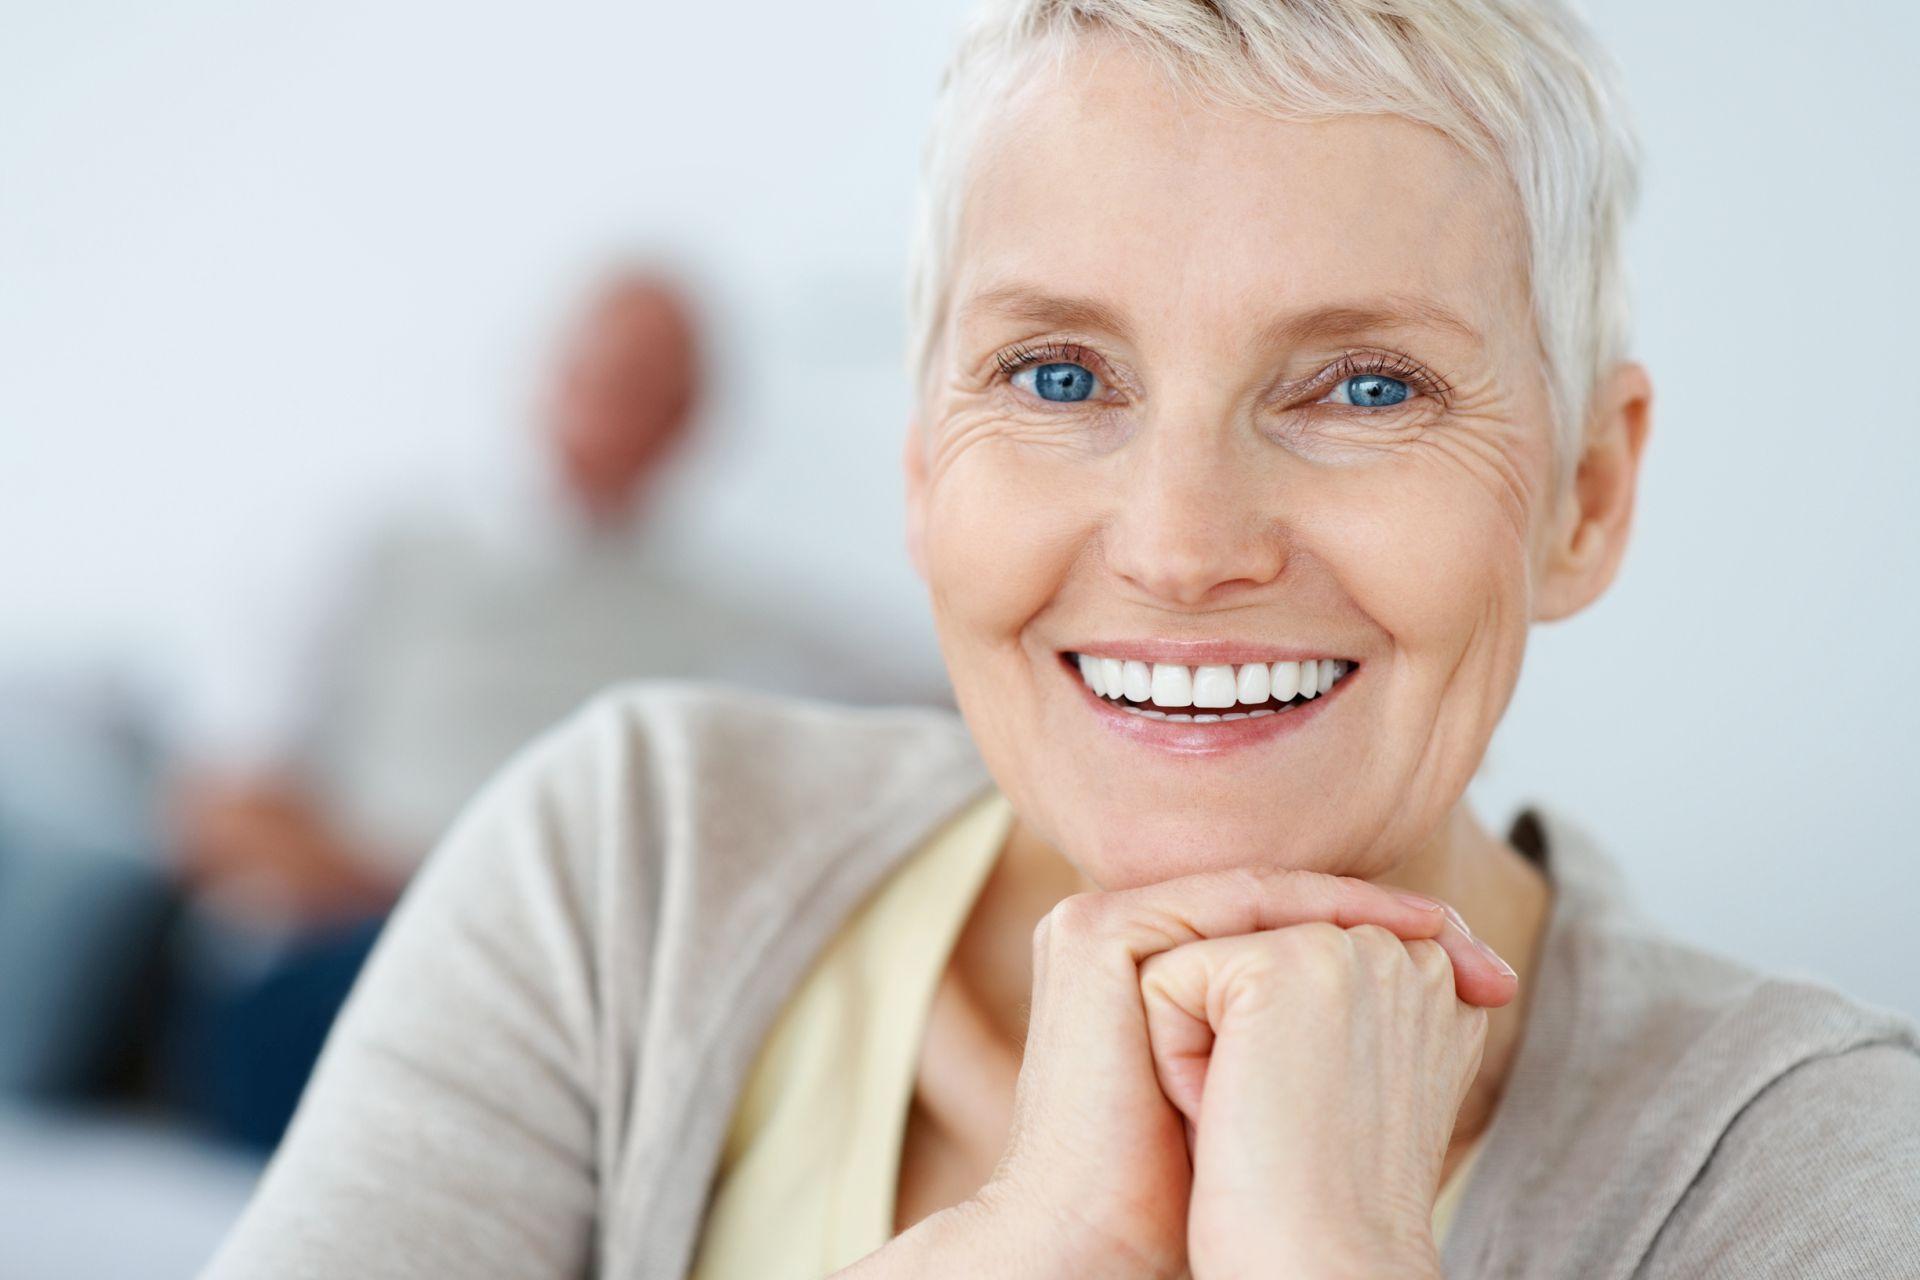 DentalCare implanty odzyskaj uśmiech